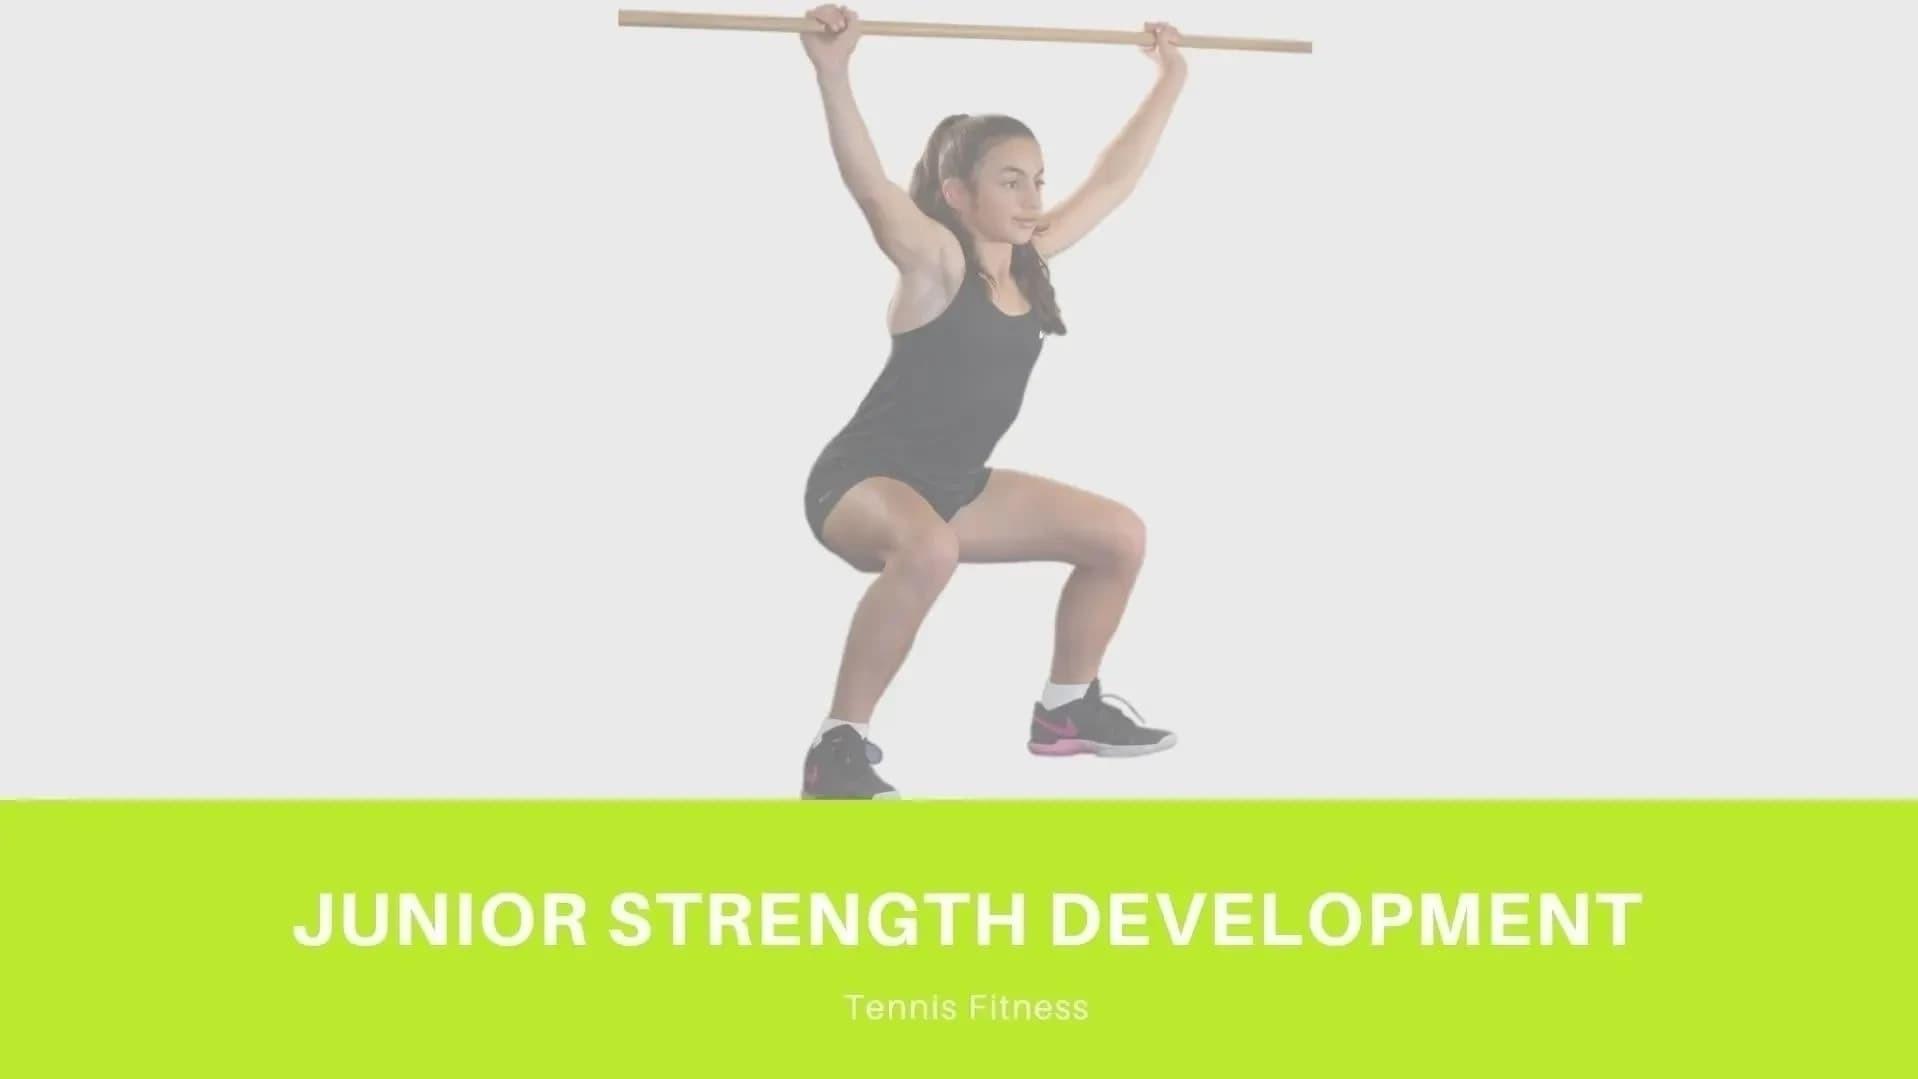 junior-tennis-strength-development